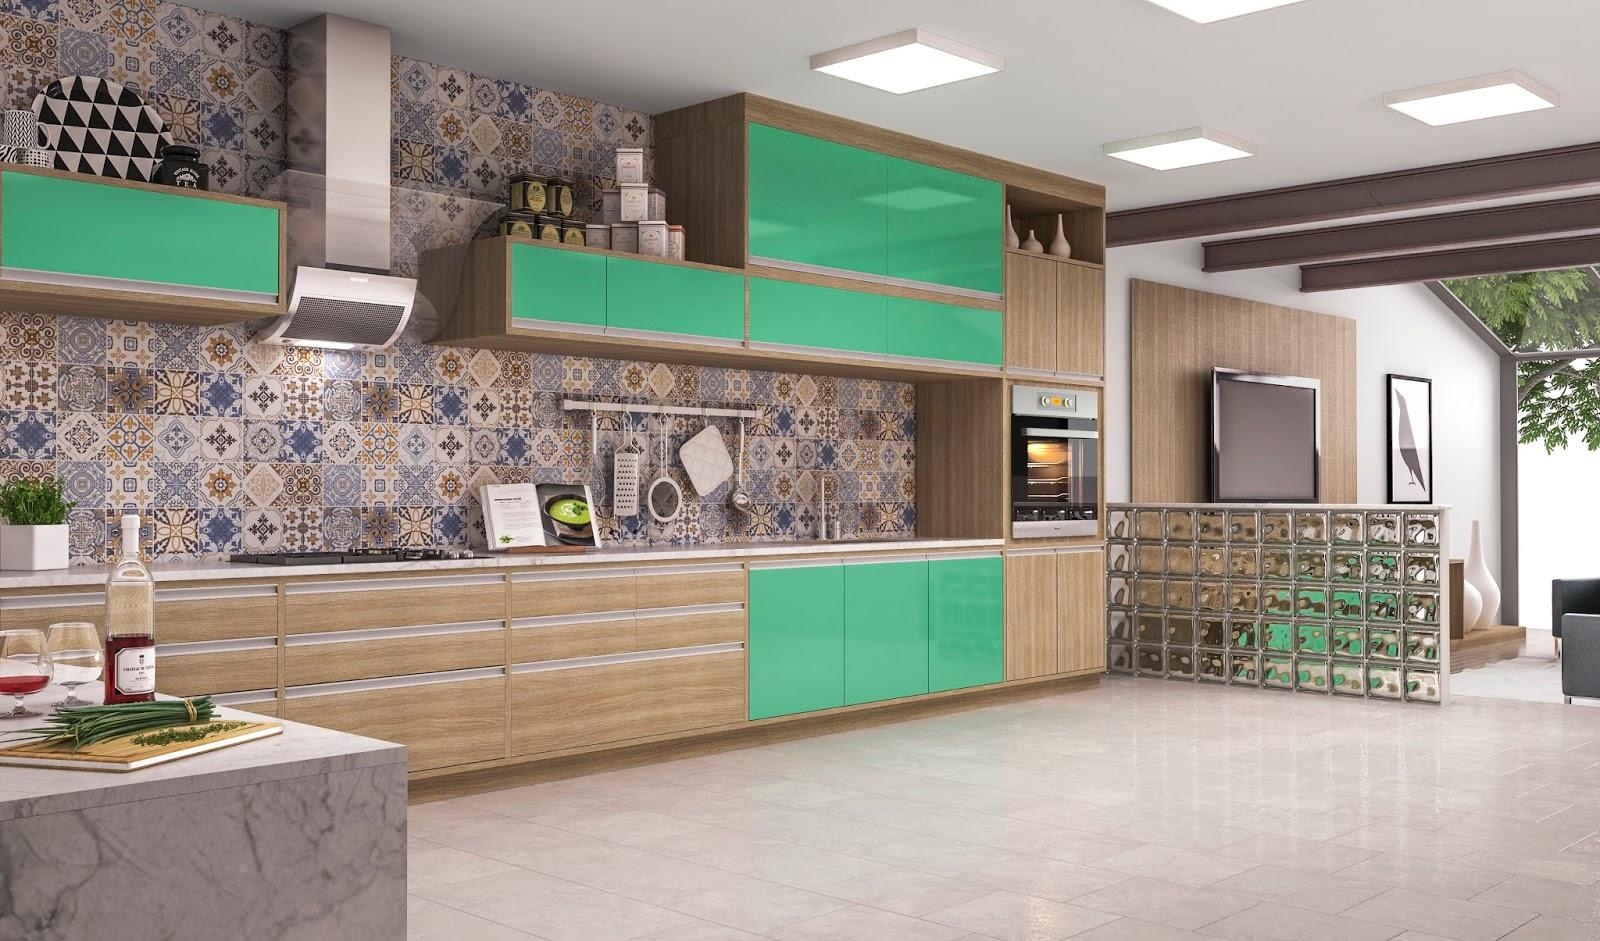 casa vai ficar com moveis planejados . cozinhas dormitórios projetos #3B9069 1600 941